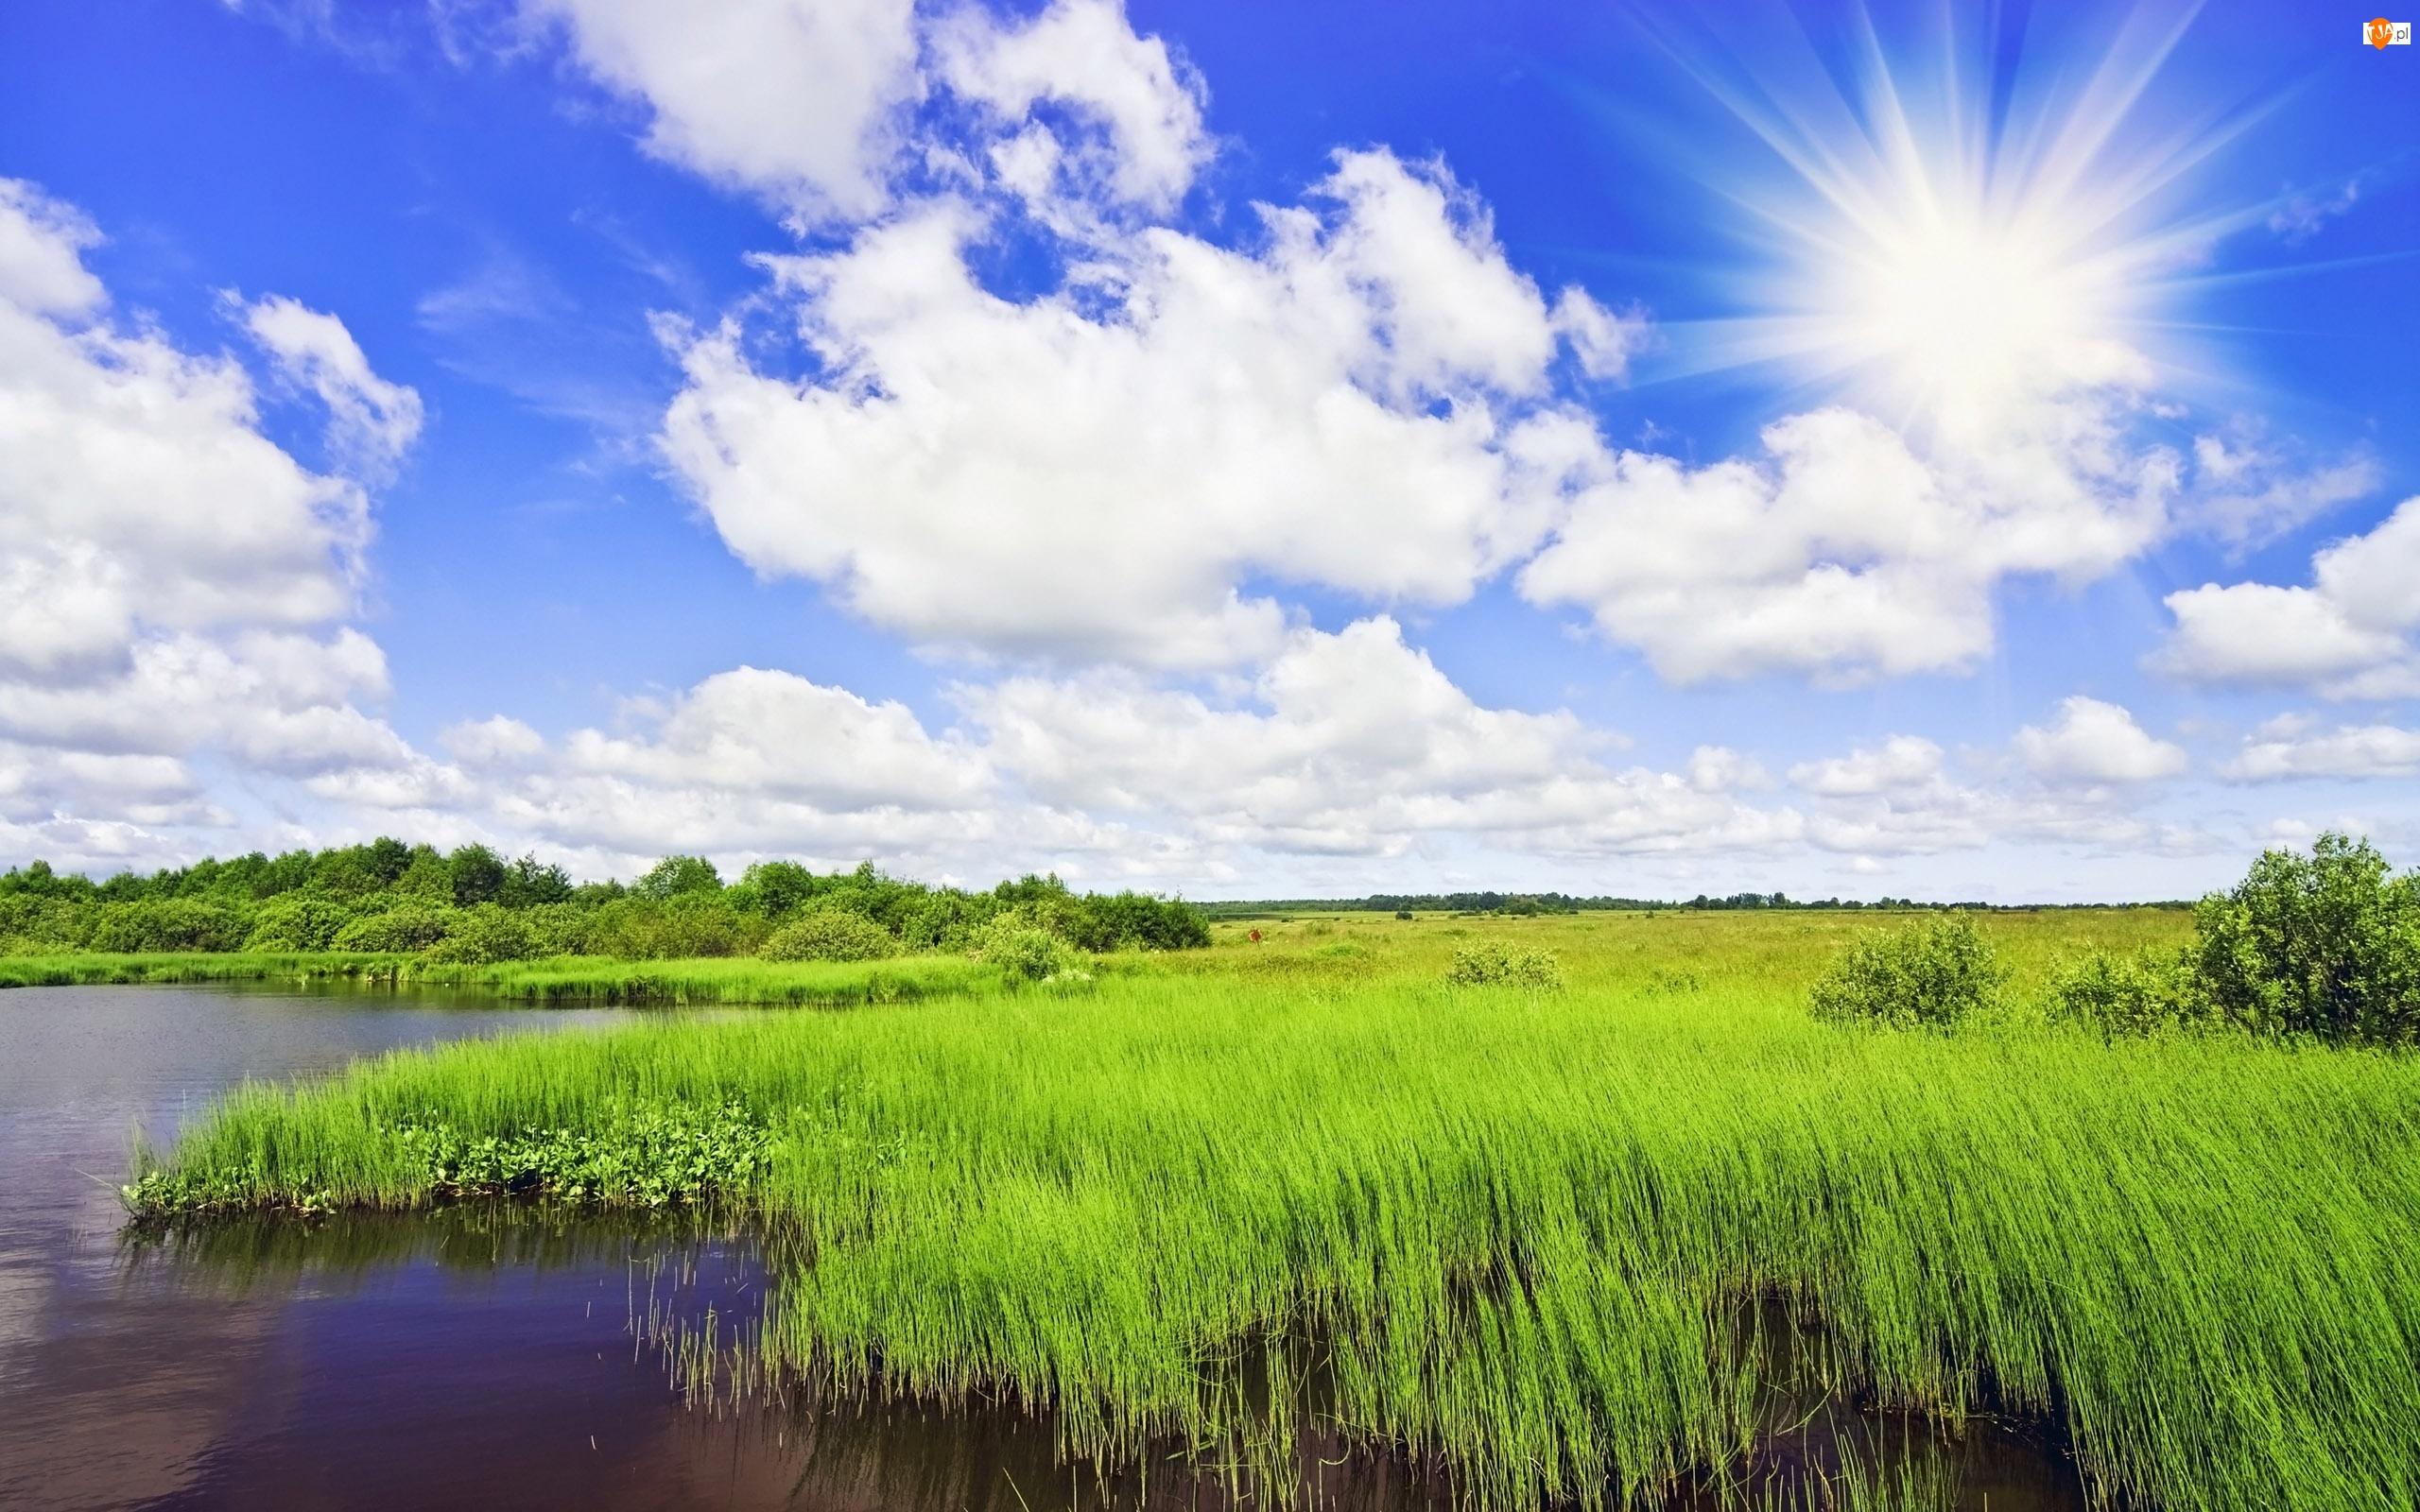 Trawa, Promienie, Rzeka, Słońca, Łąka, Chmury